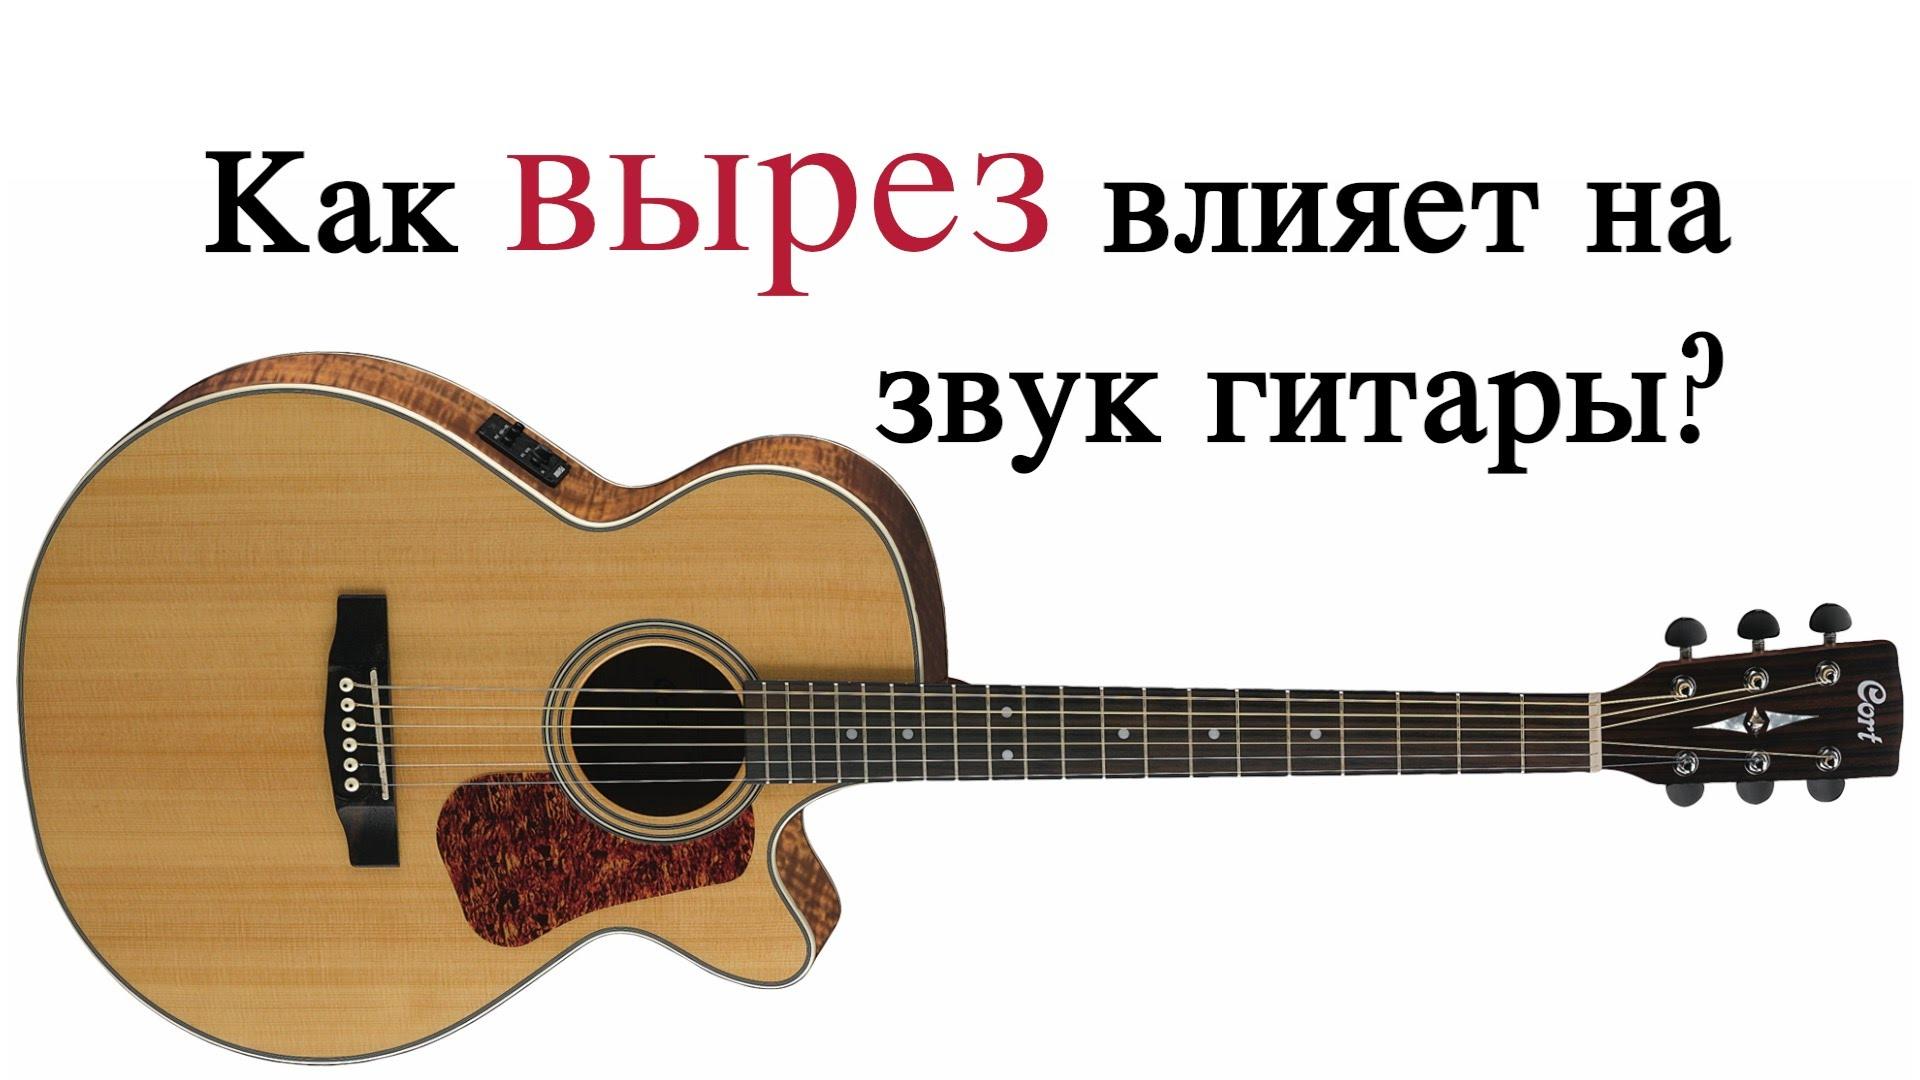 Влияет ли вырез (катавей) на звук гитары Гитара с вырезом